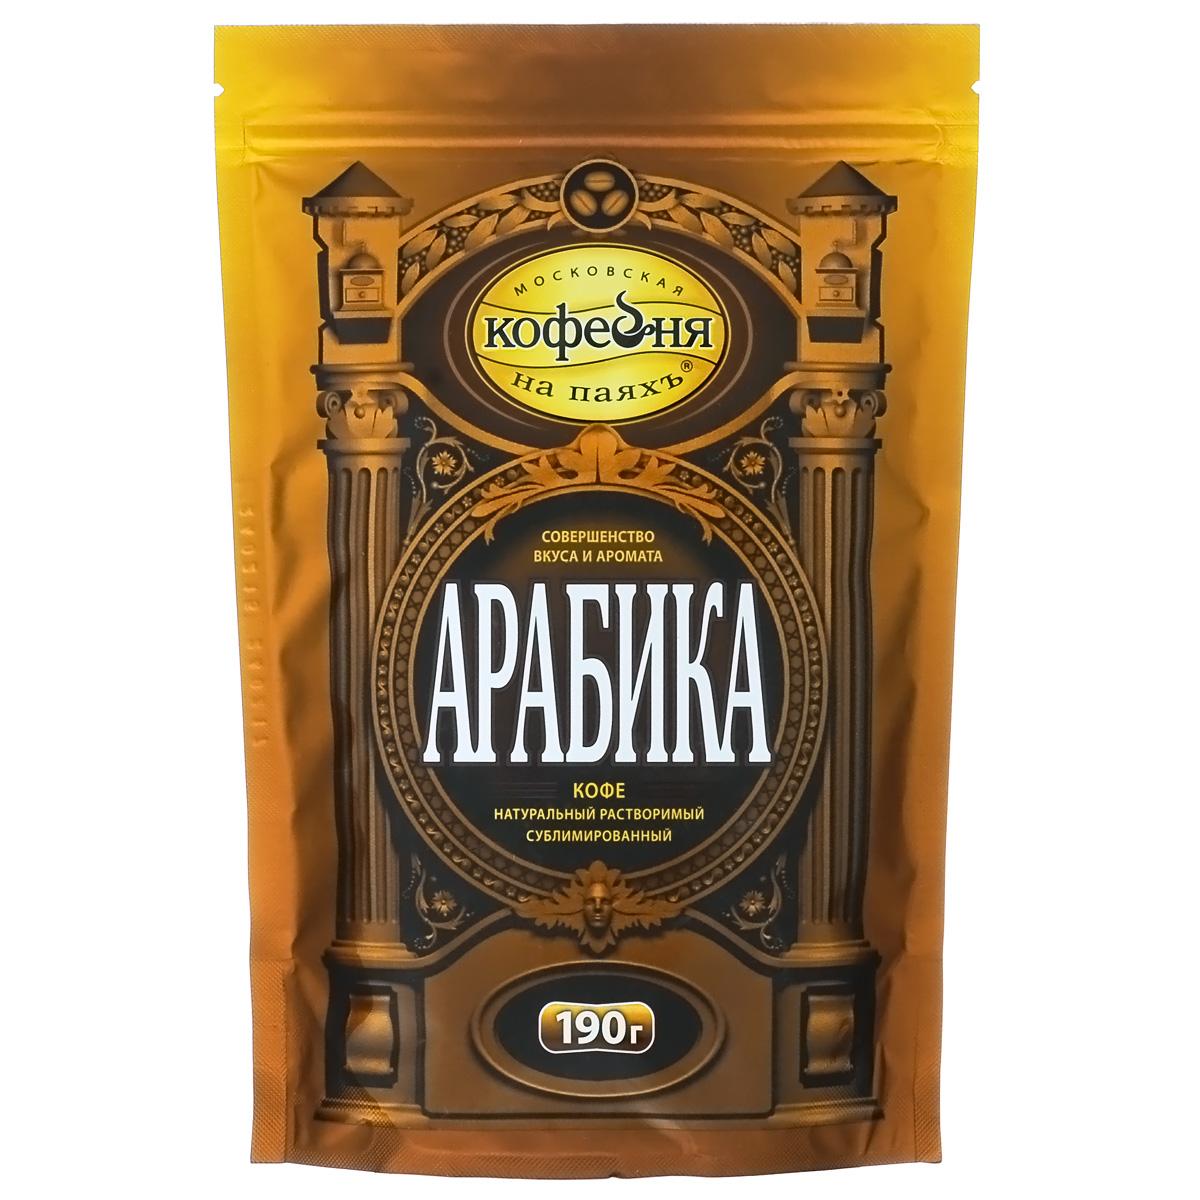 купить Московская кофейня на паяхъ Арабика кофе рaстворимый, пакет 190 г недорого